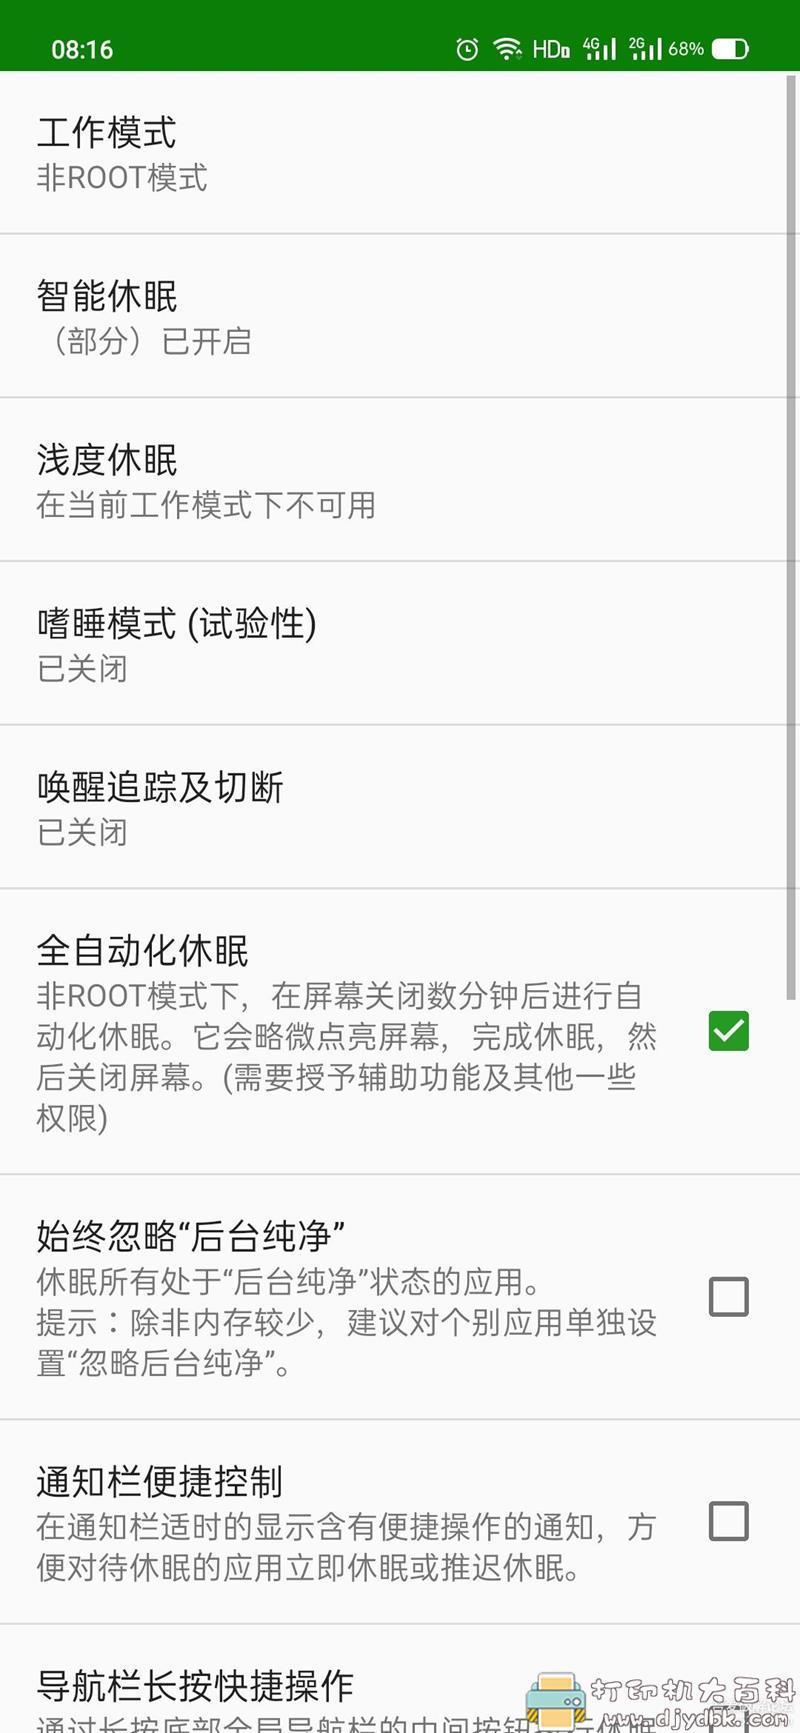 安卓省电优化利器:绿色守护4.7.5捐赠版,可免root使用 配图